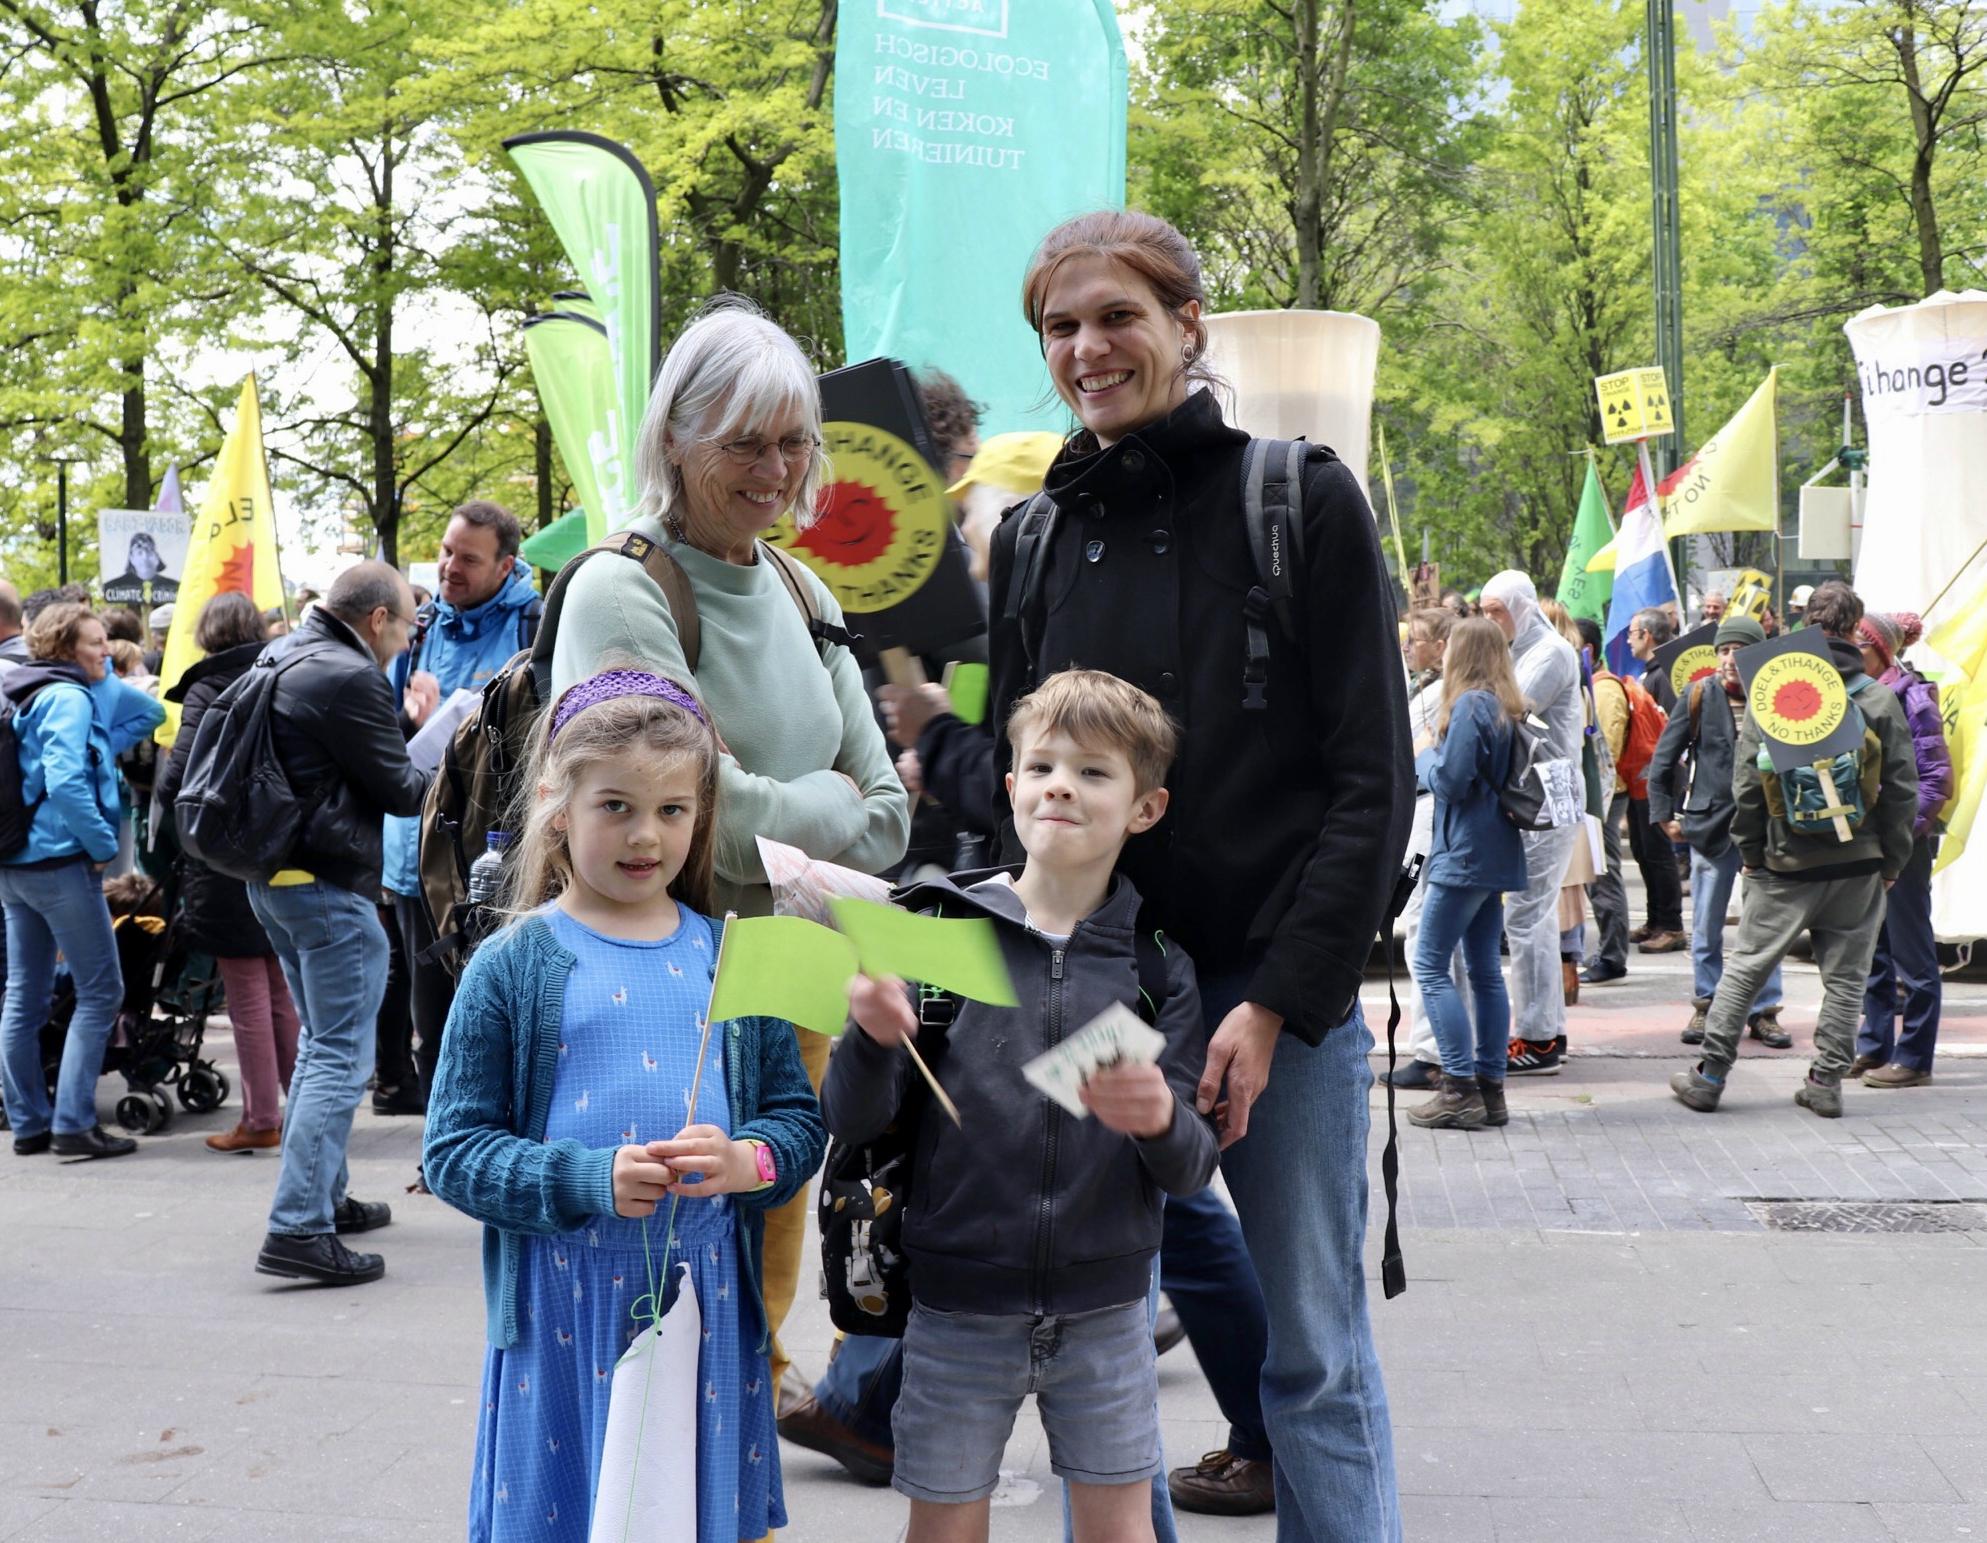 Moeder met dochter en haar neefje op de betoging